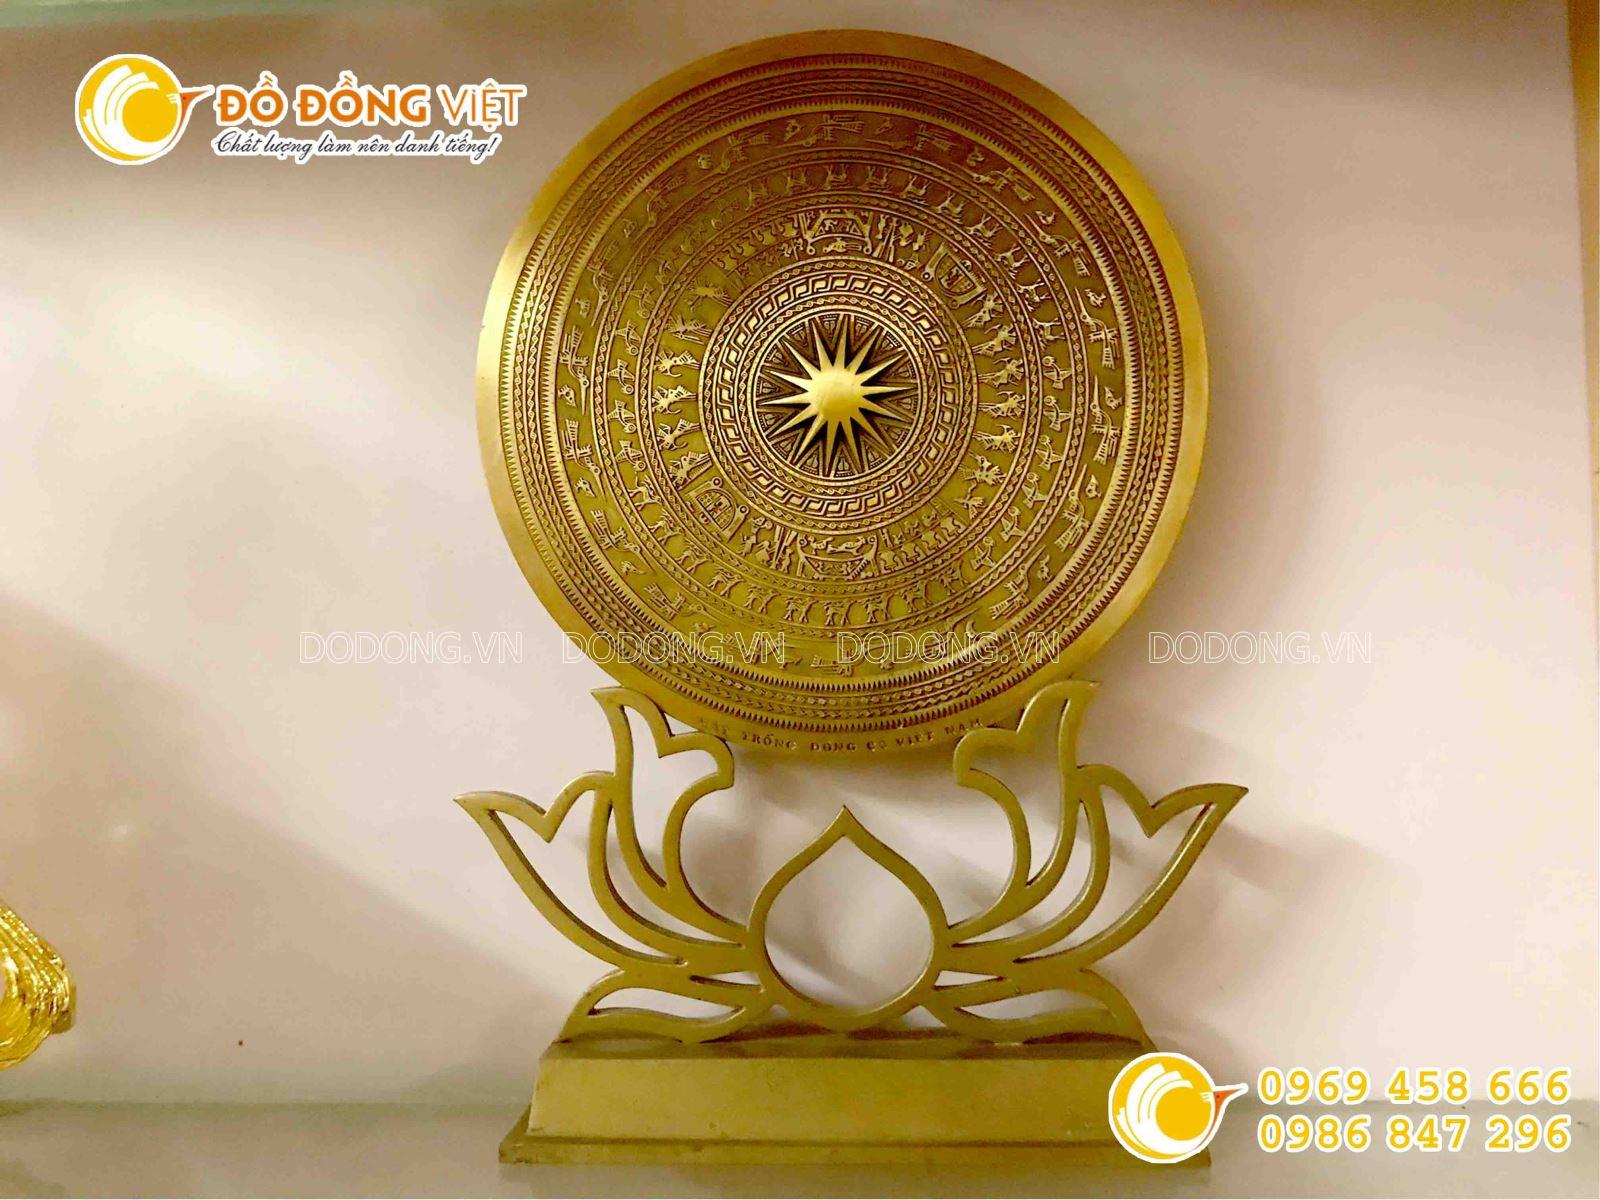 Đĩa đồng quà tặng mặt trống đồng đúc thủ công hình bản đồ Việt Nam0